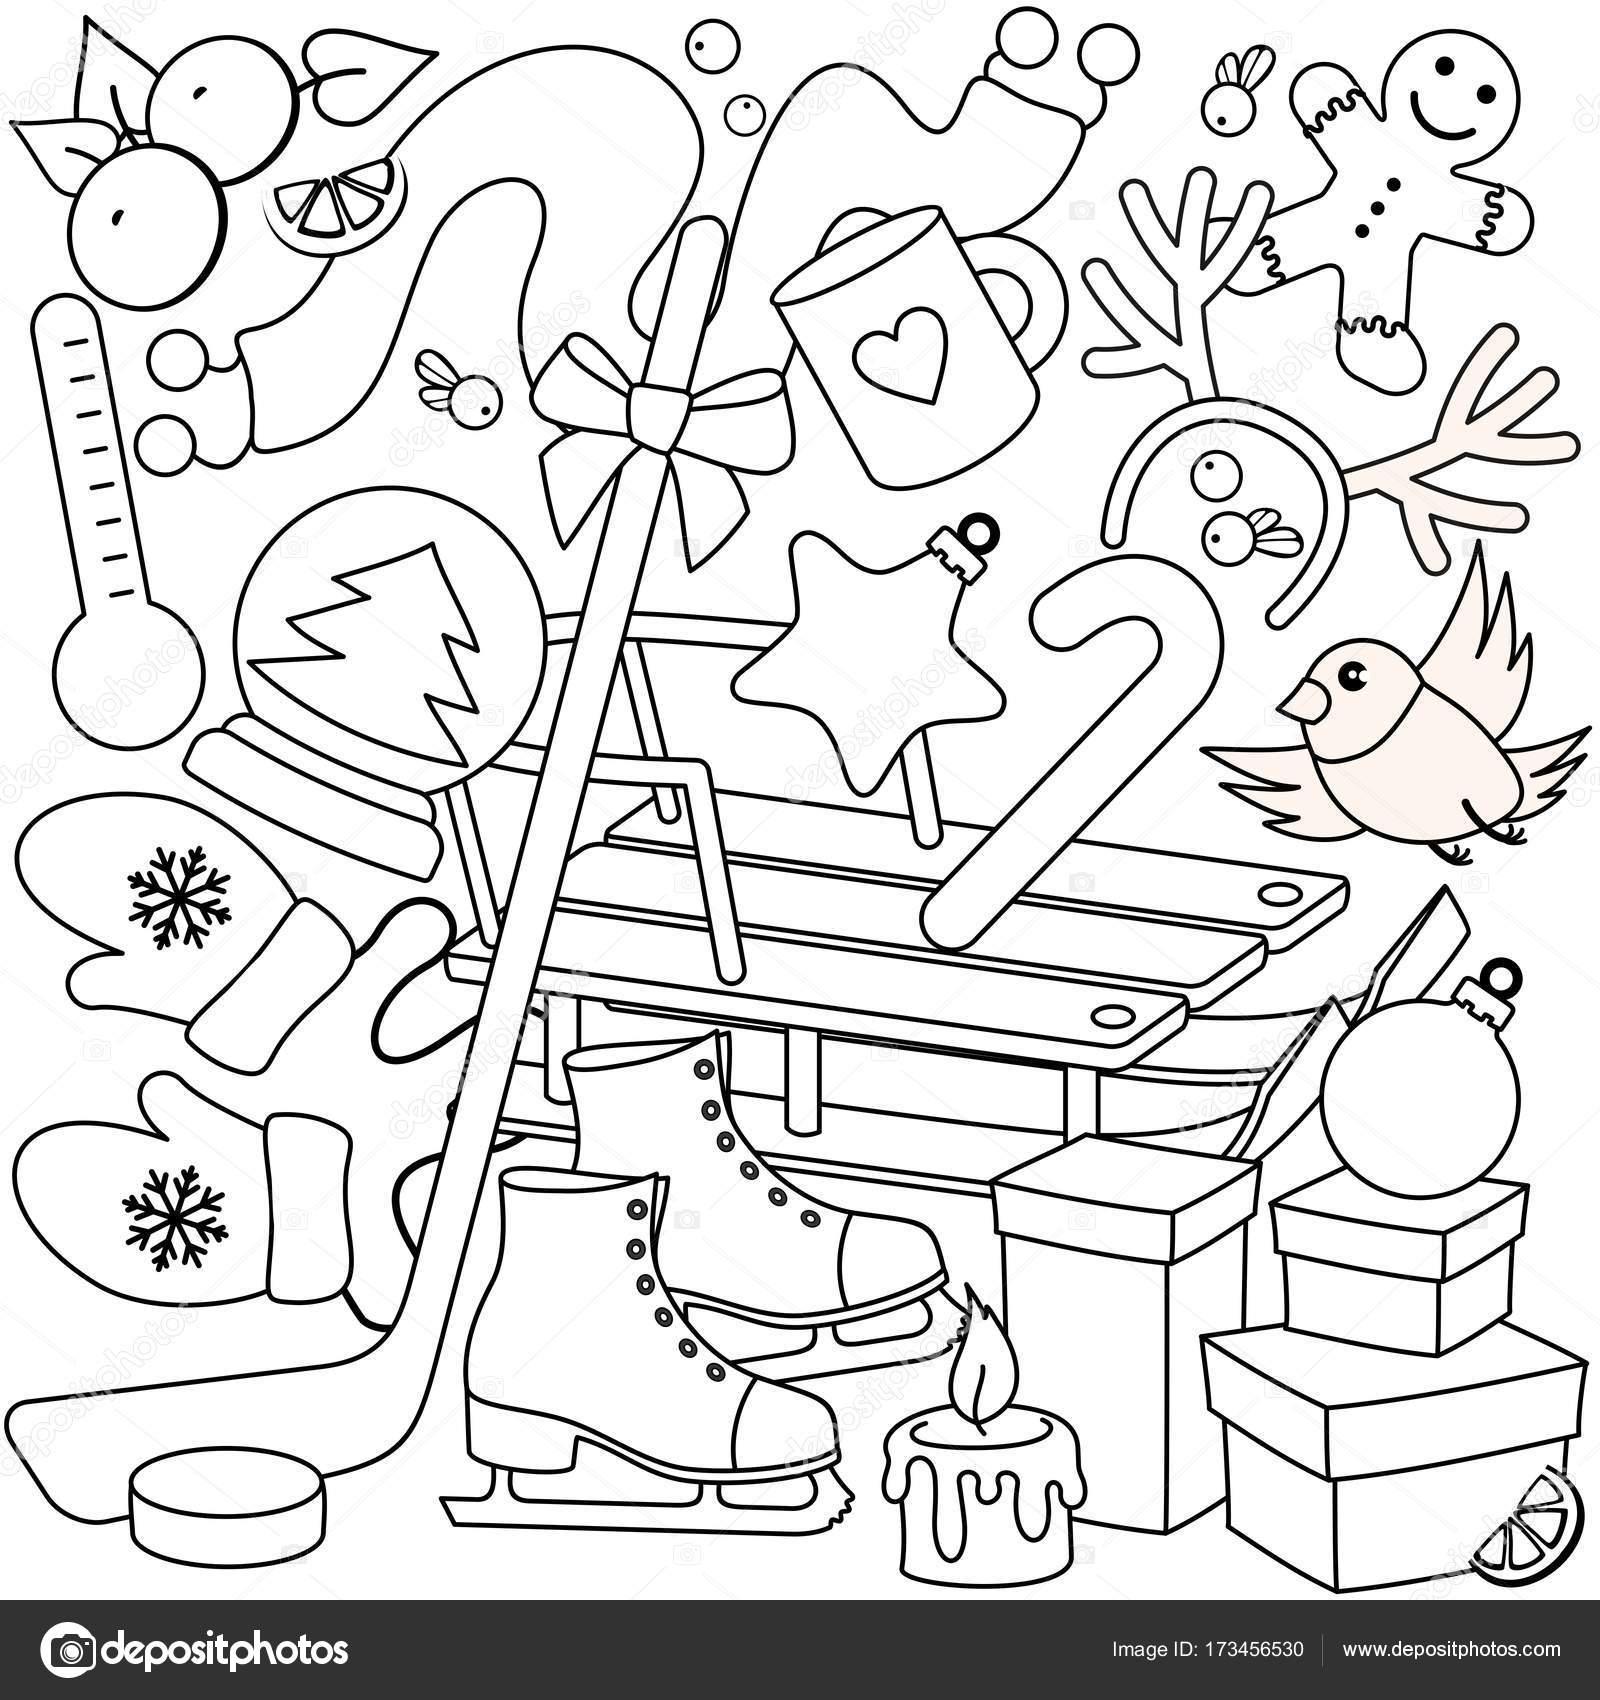 Kleurplaten Voor De Winter.Winter Kleurplaten Voor Kinderen Stockvector C Huhabra 173456530